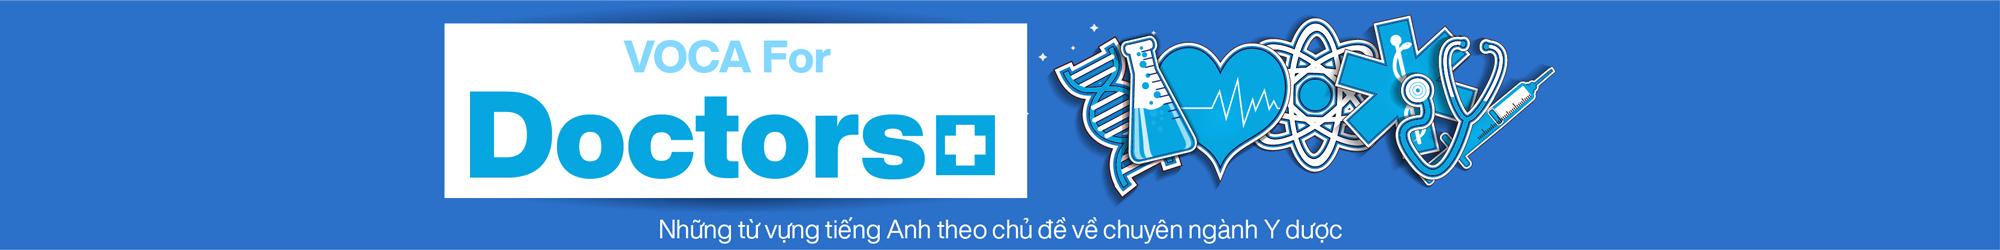 VOCA FOR DOCTORS